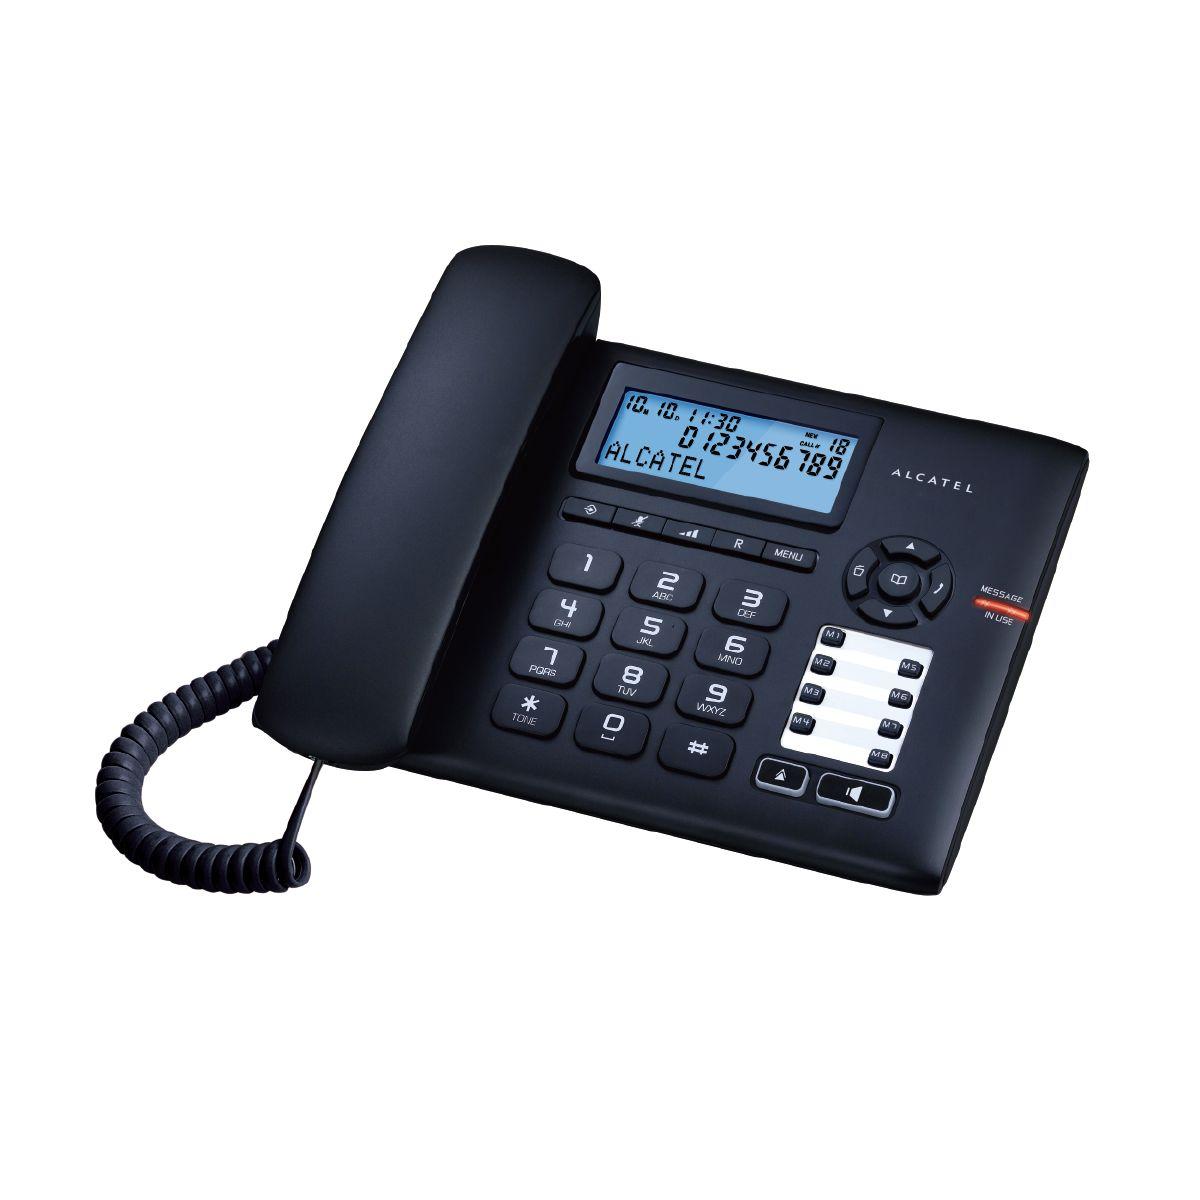 Téléphone filaire alcatel temporis 70 - 2% de remise immédiate avec le code : cool2 (photo)